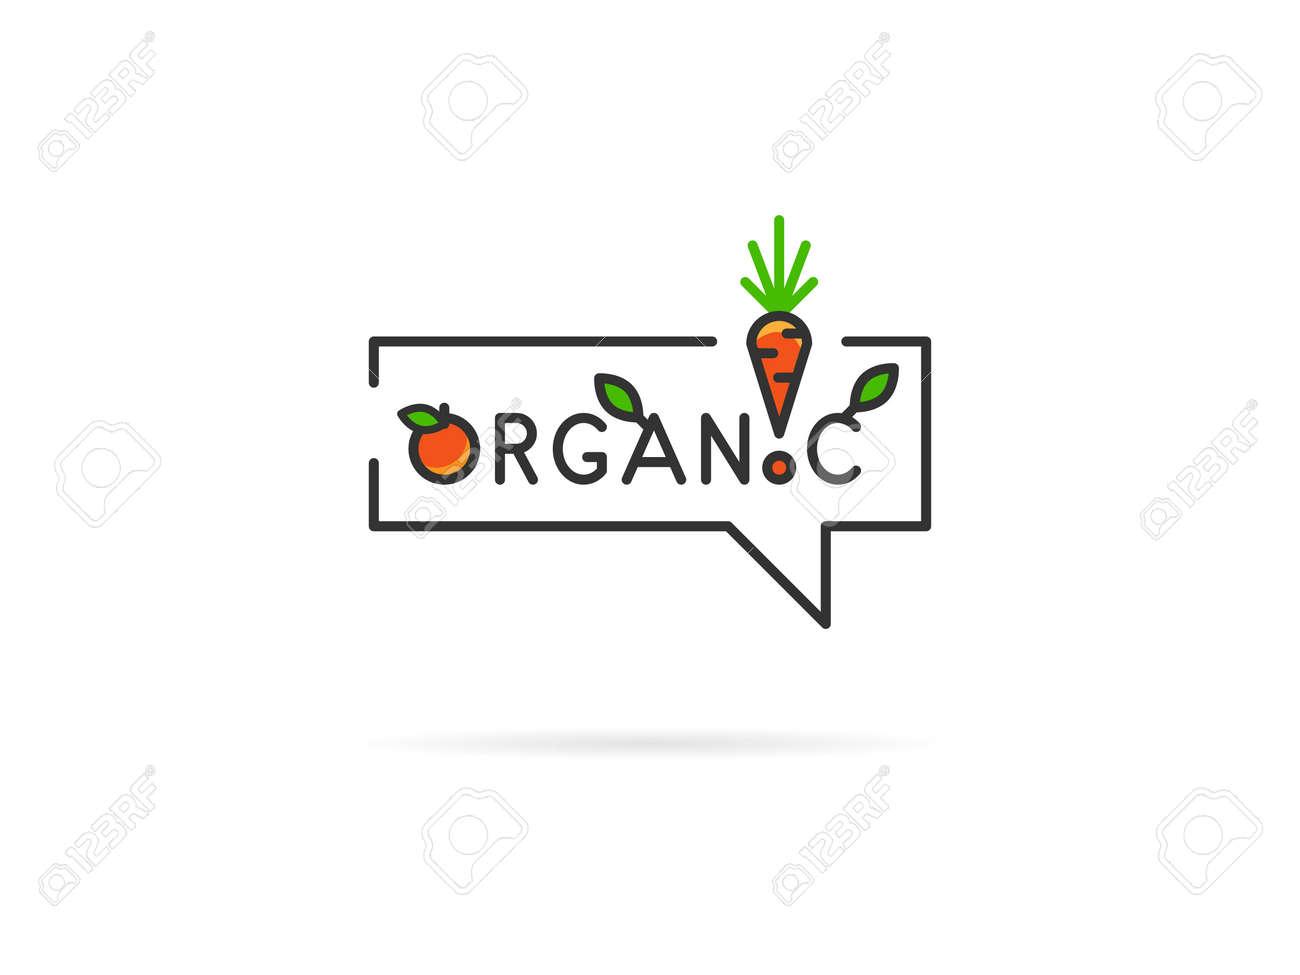 Ilustración Vectorial Lineal Orgánica Sobre Fondo Blanco. Orgánica ...